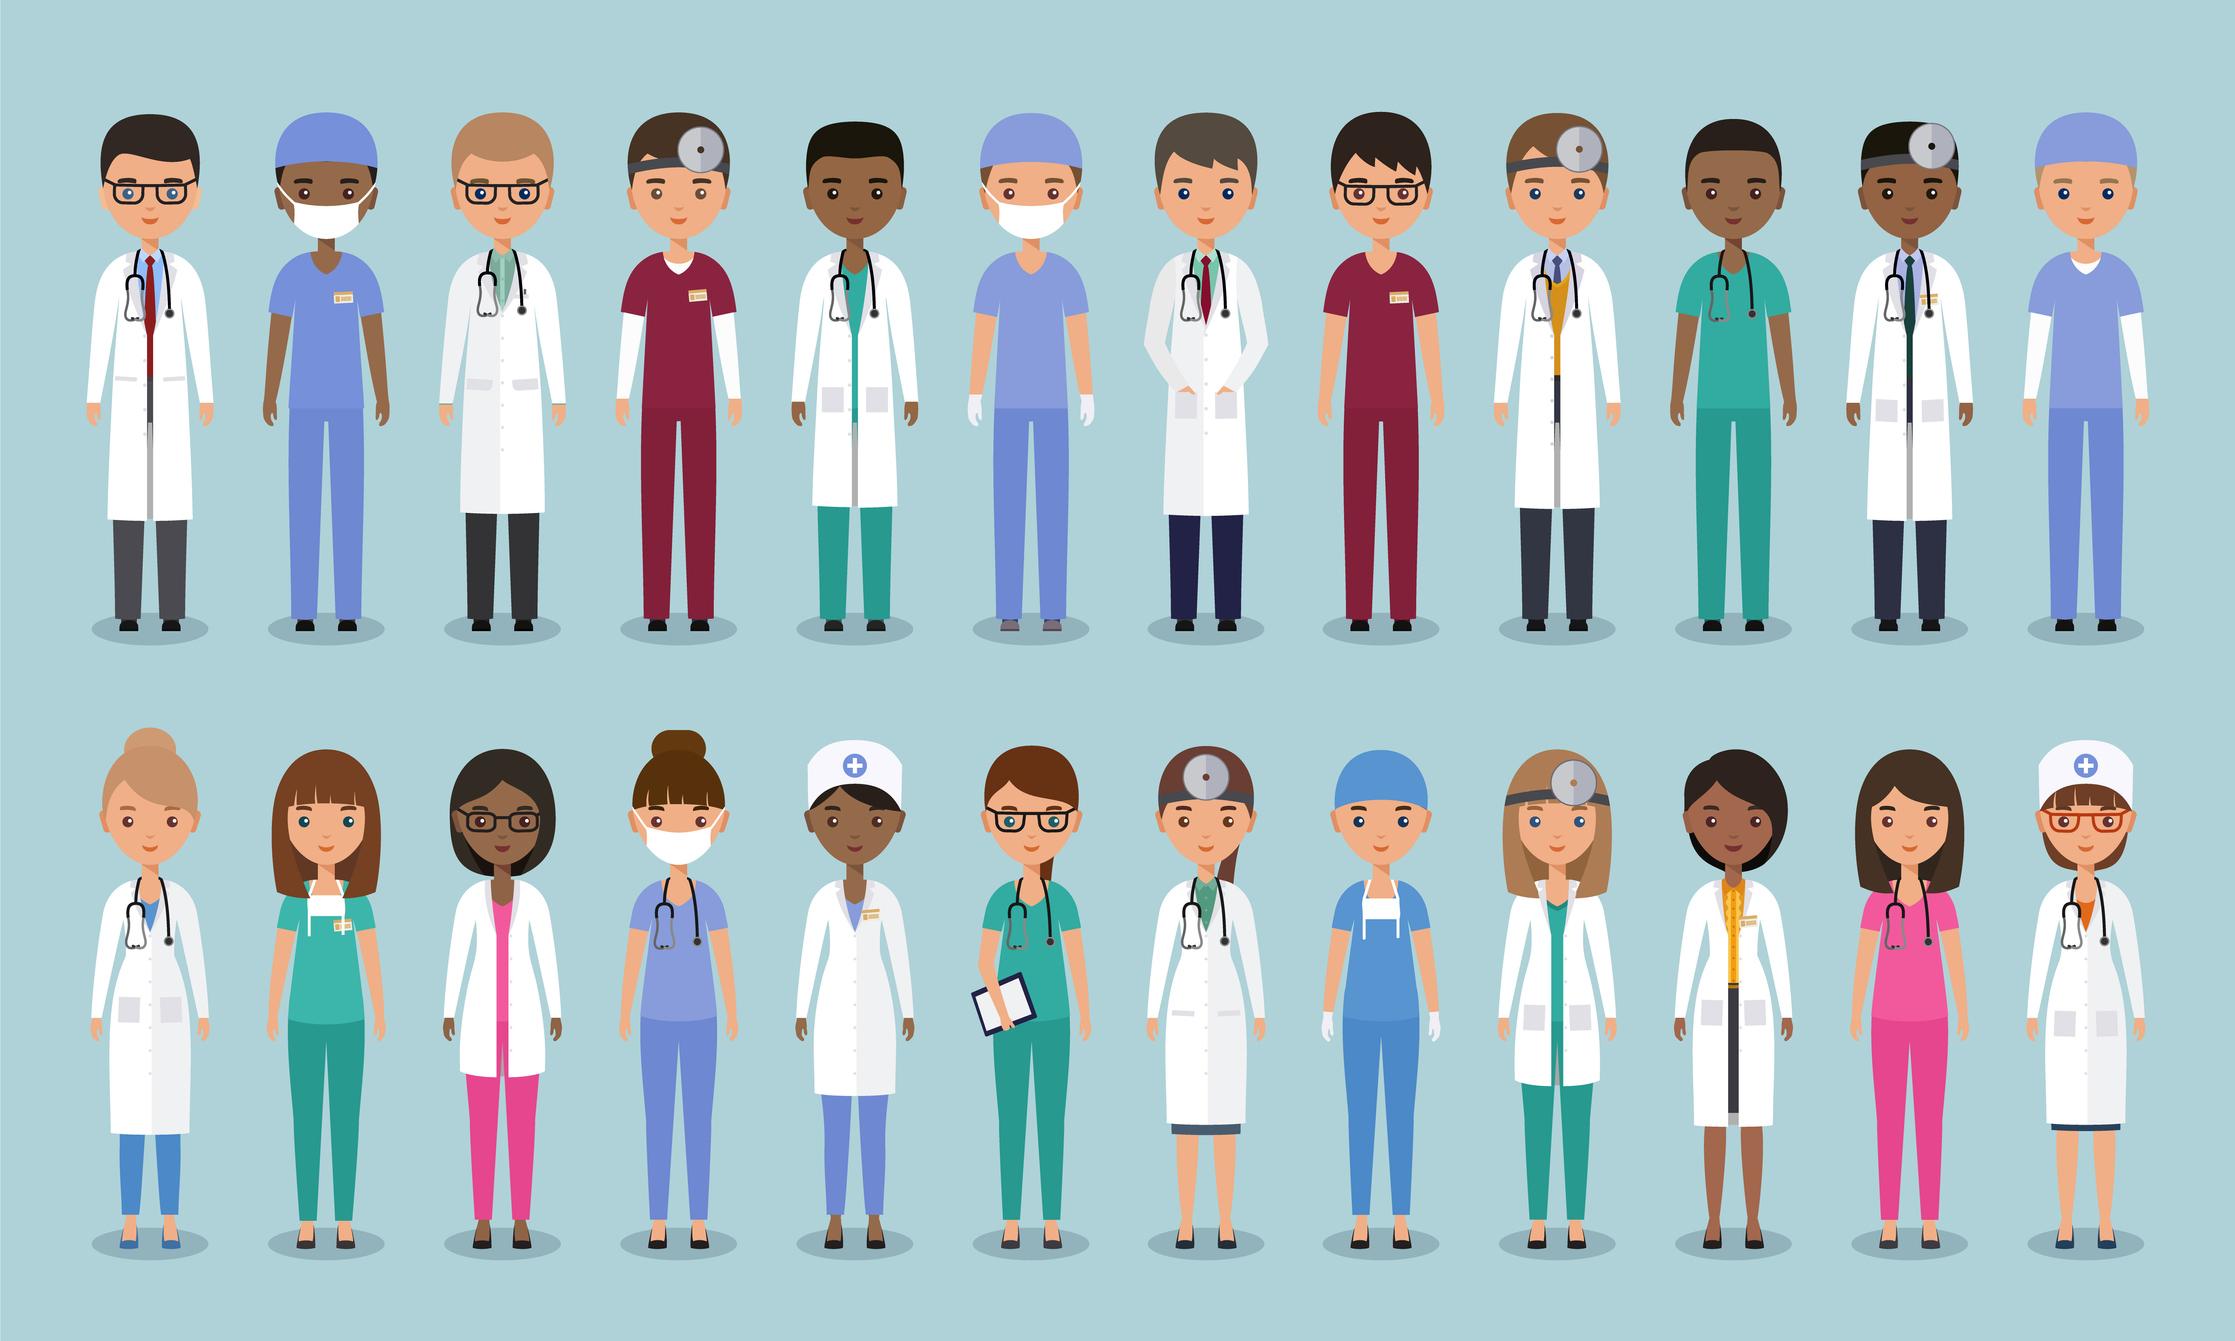 Koji često pate od hipertenzije muškaraca ili žena